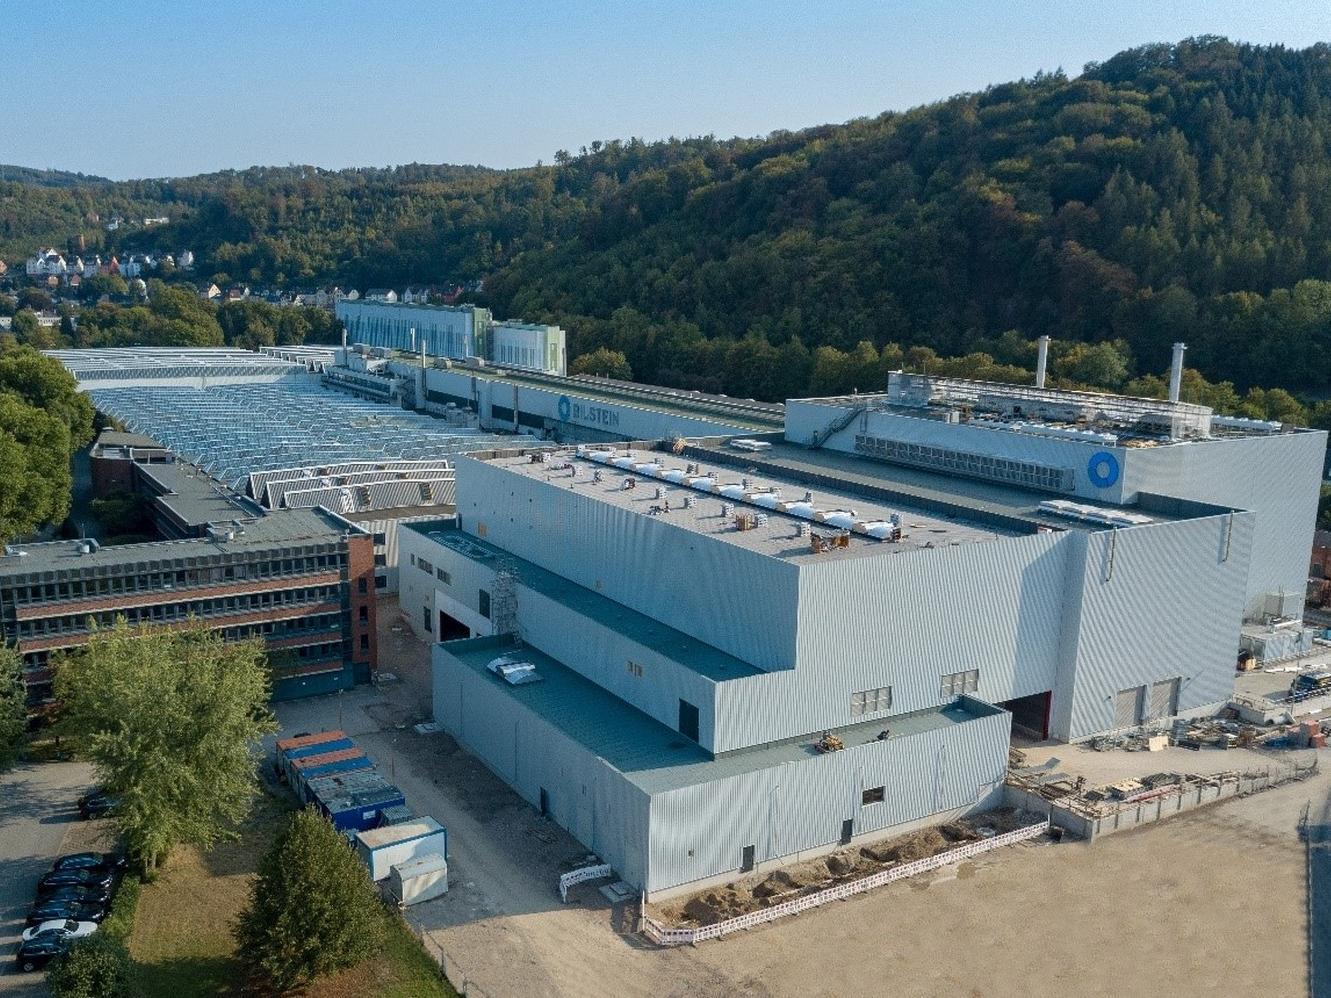 Die Bilstein Group startet im Herbst 2019 die Produktion von Kaltband mit einem weltweit einzigartigen Breitbandwalzkonzept.